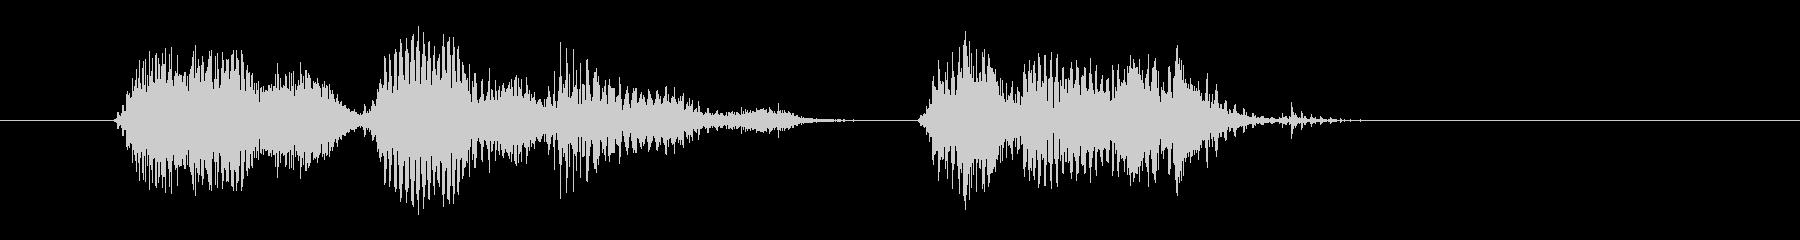 コンピューター、男性の声:すべての...の未再生の波形